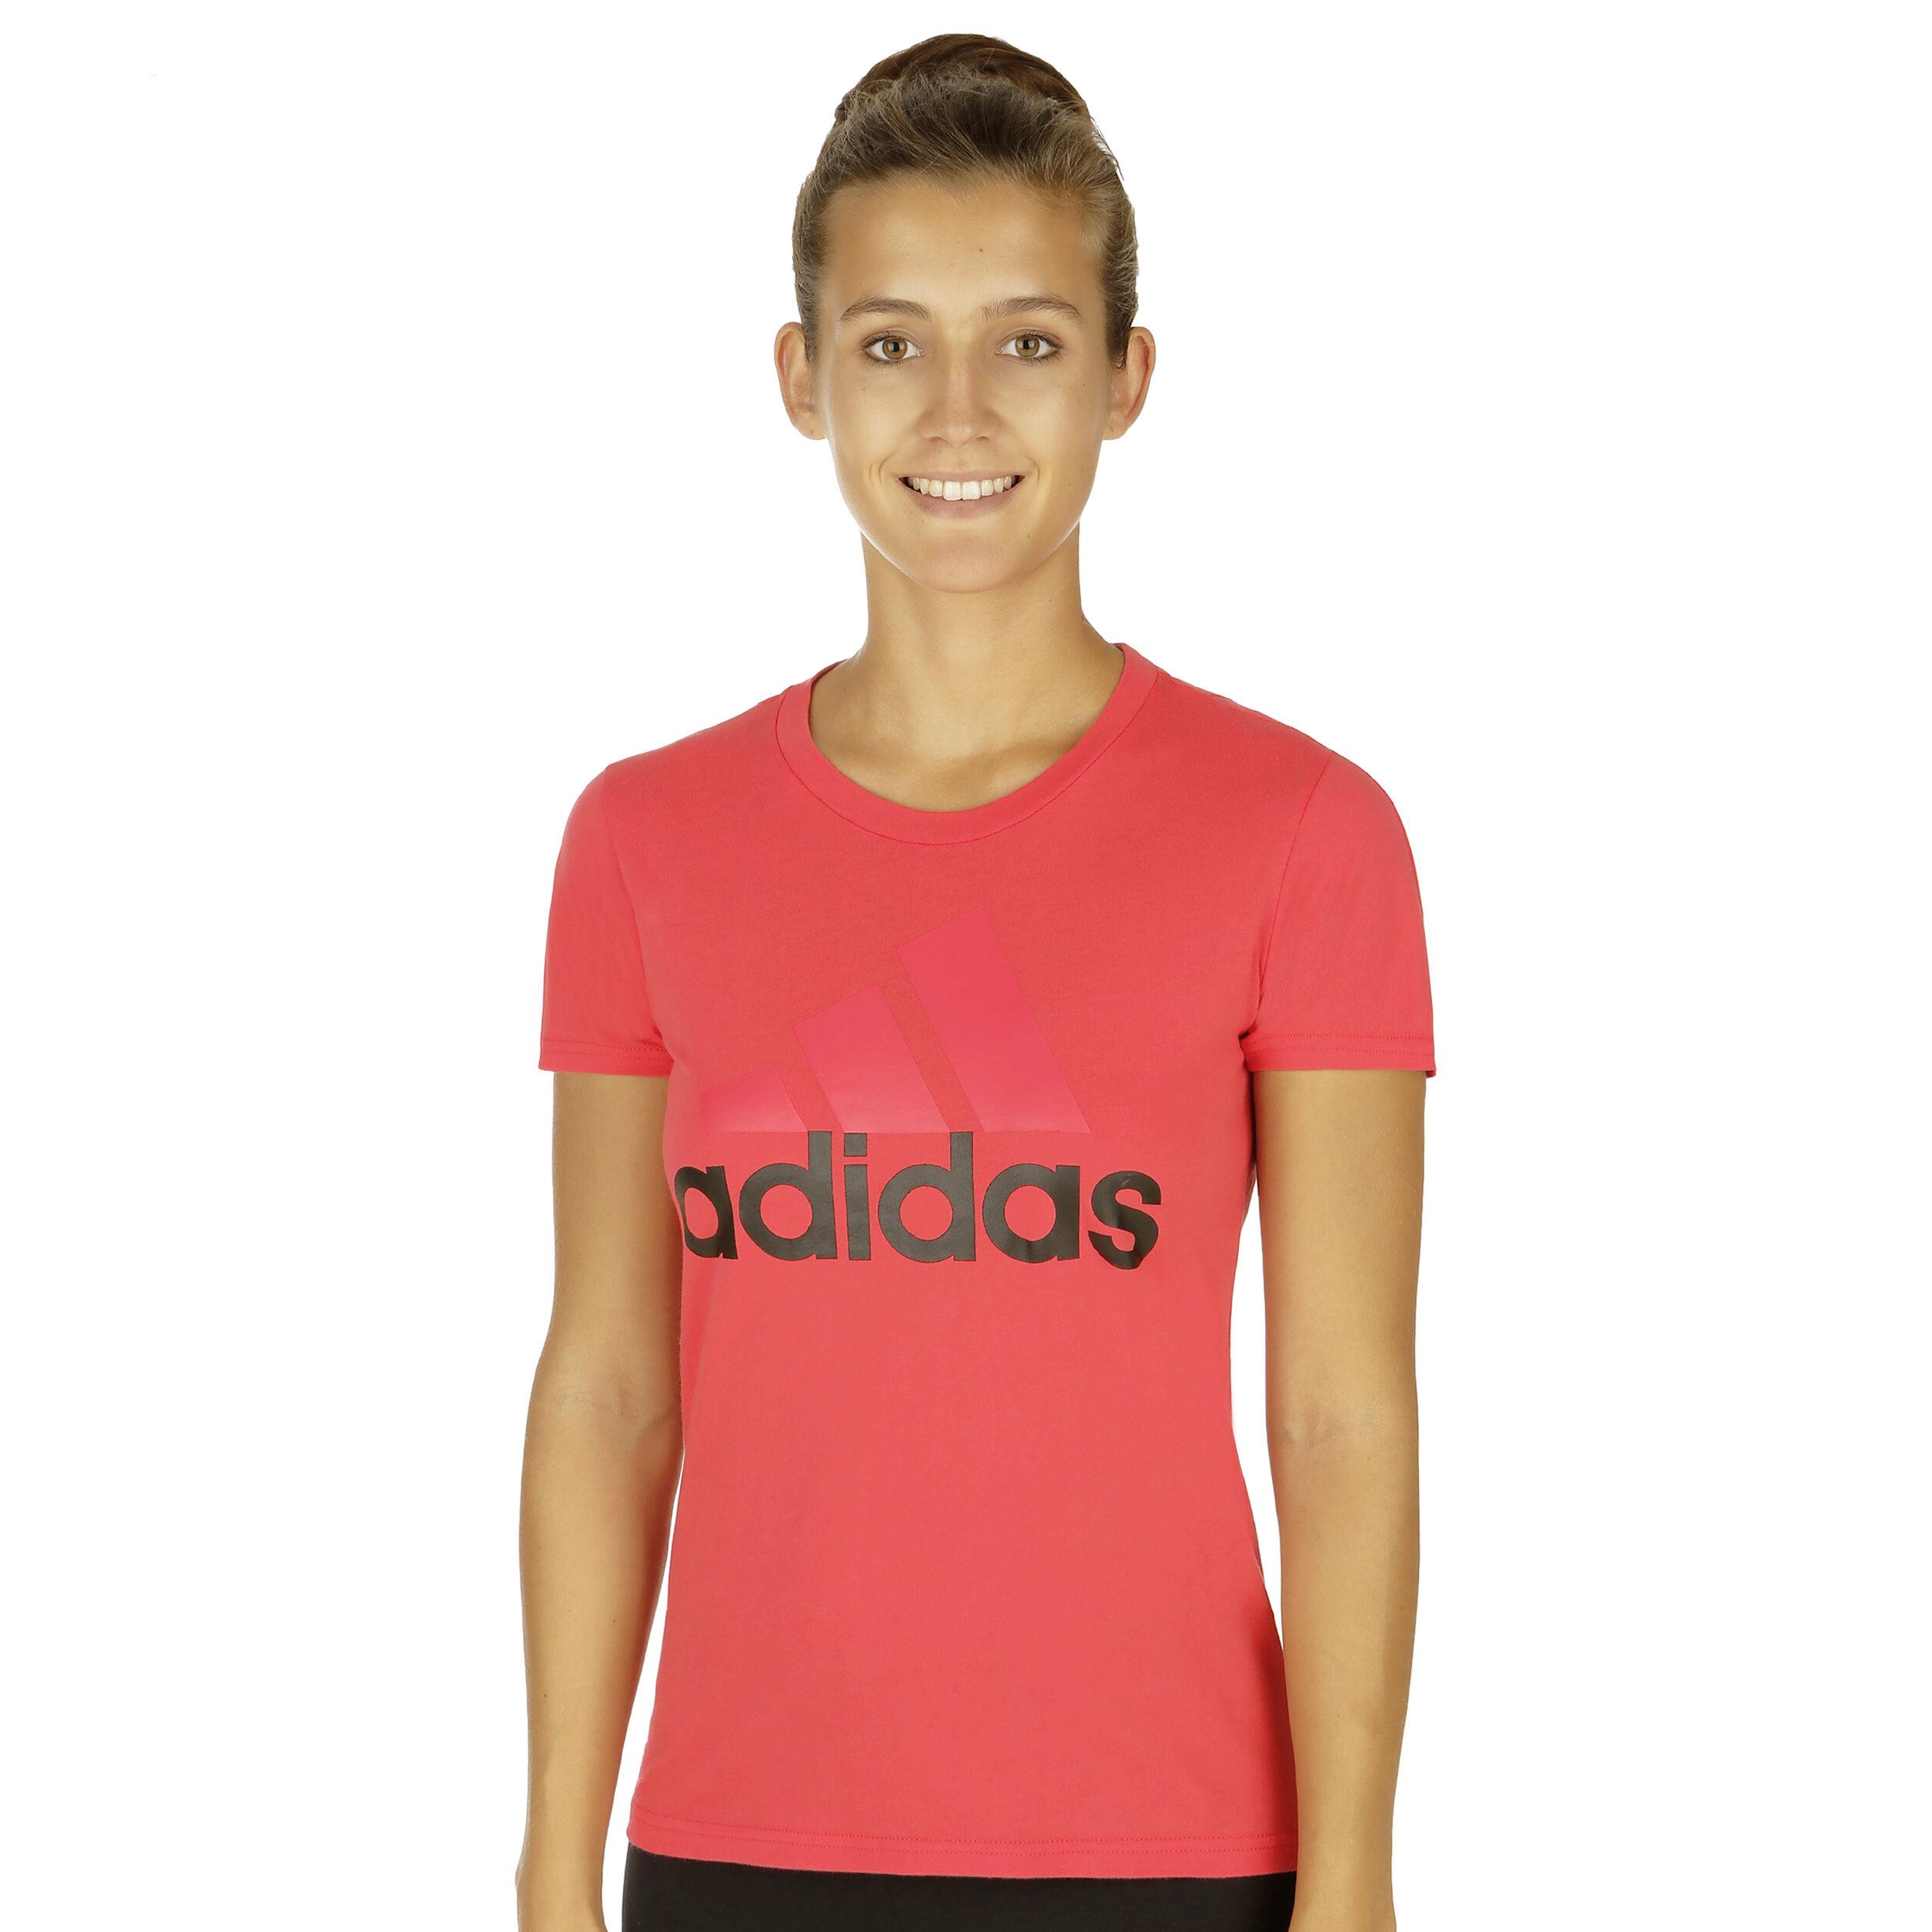 PUMA T Shirt Damen, Rosa, Größe XS | T shirt damen, Shirts